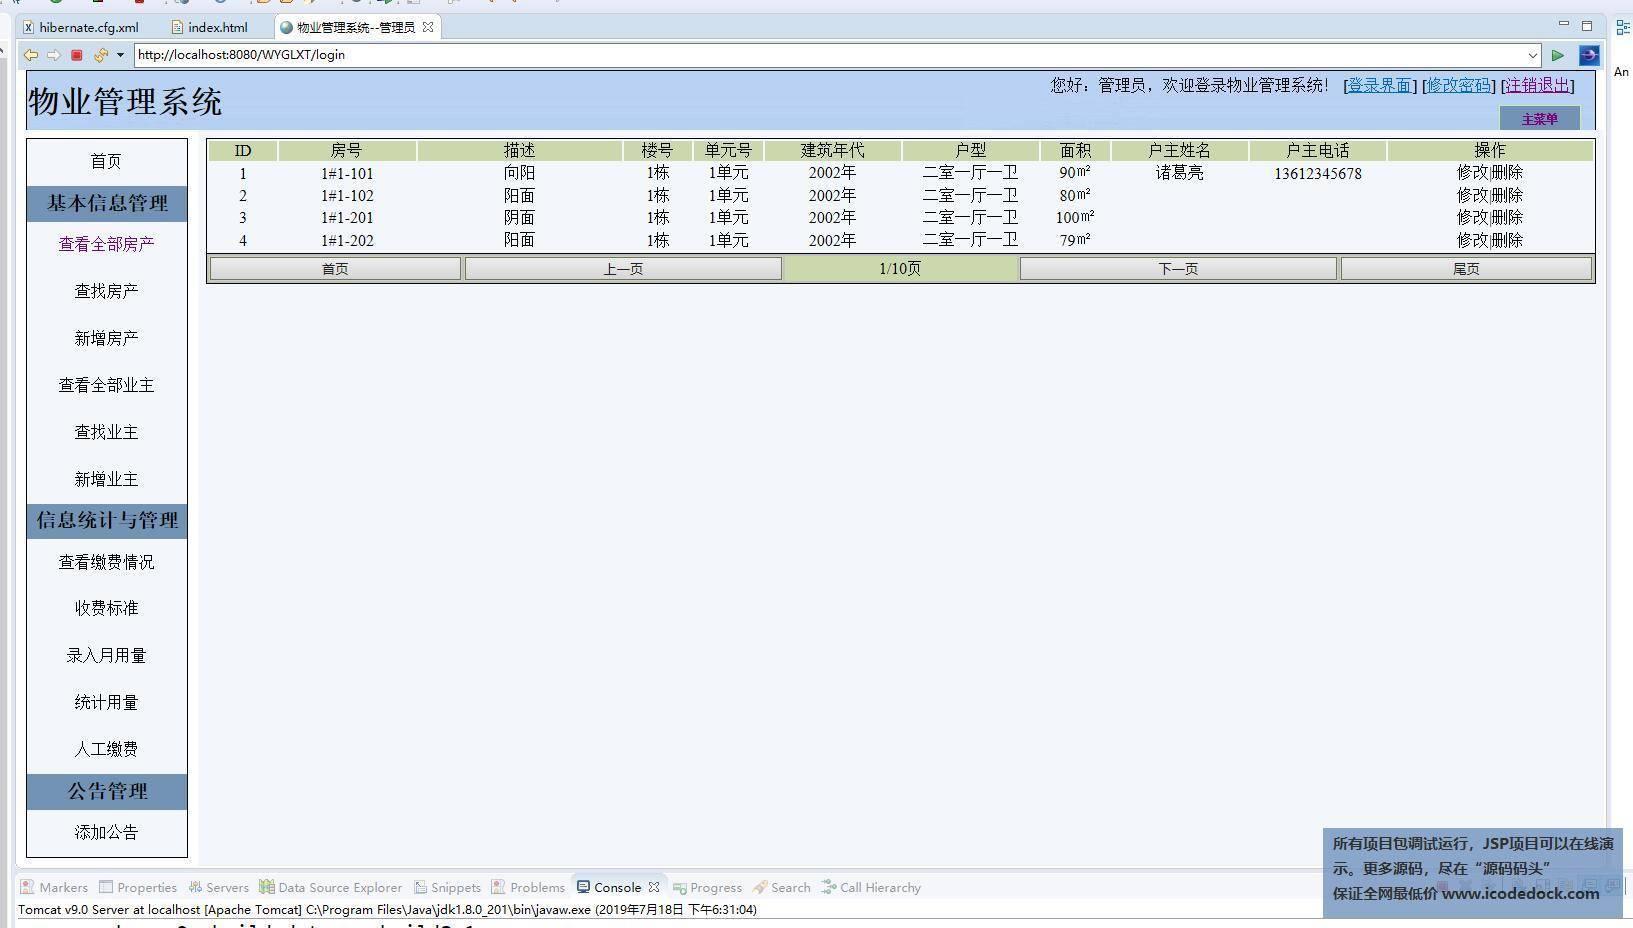 源码码头-SSH小区物业管理系统-管理员角色-查看所有房产